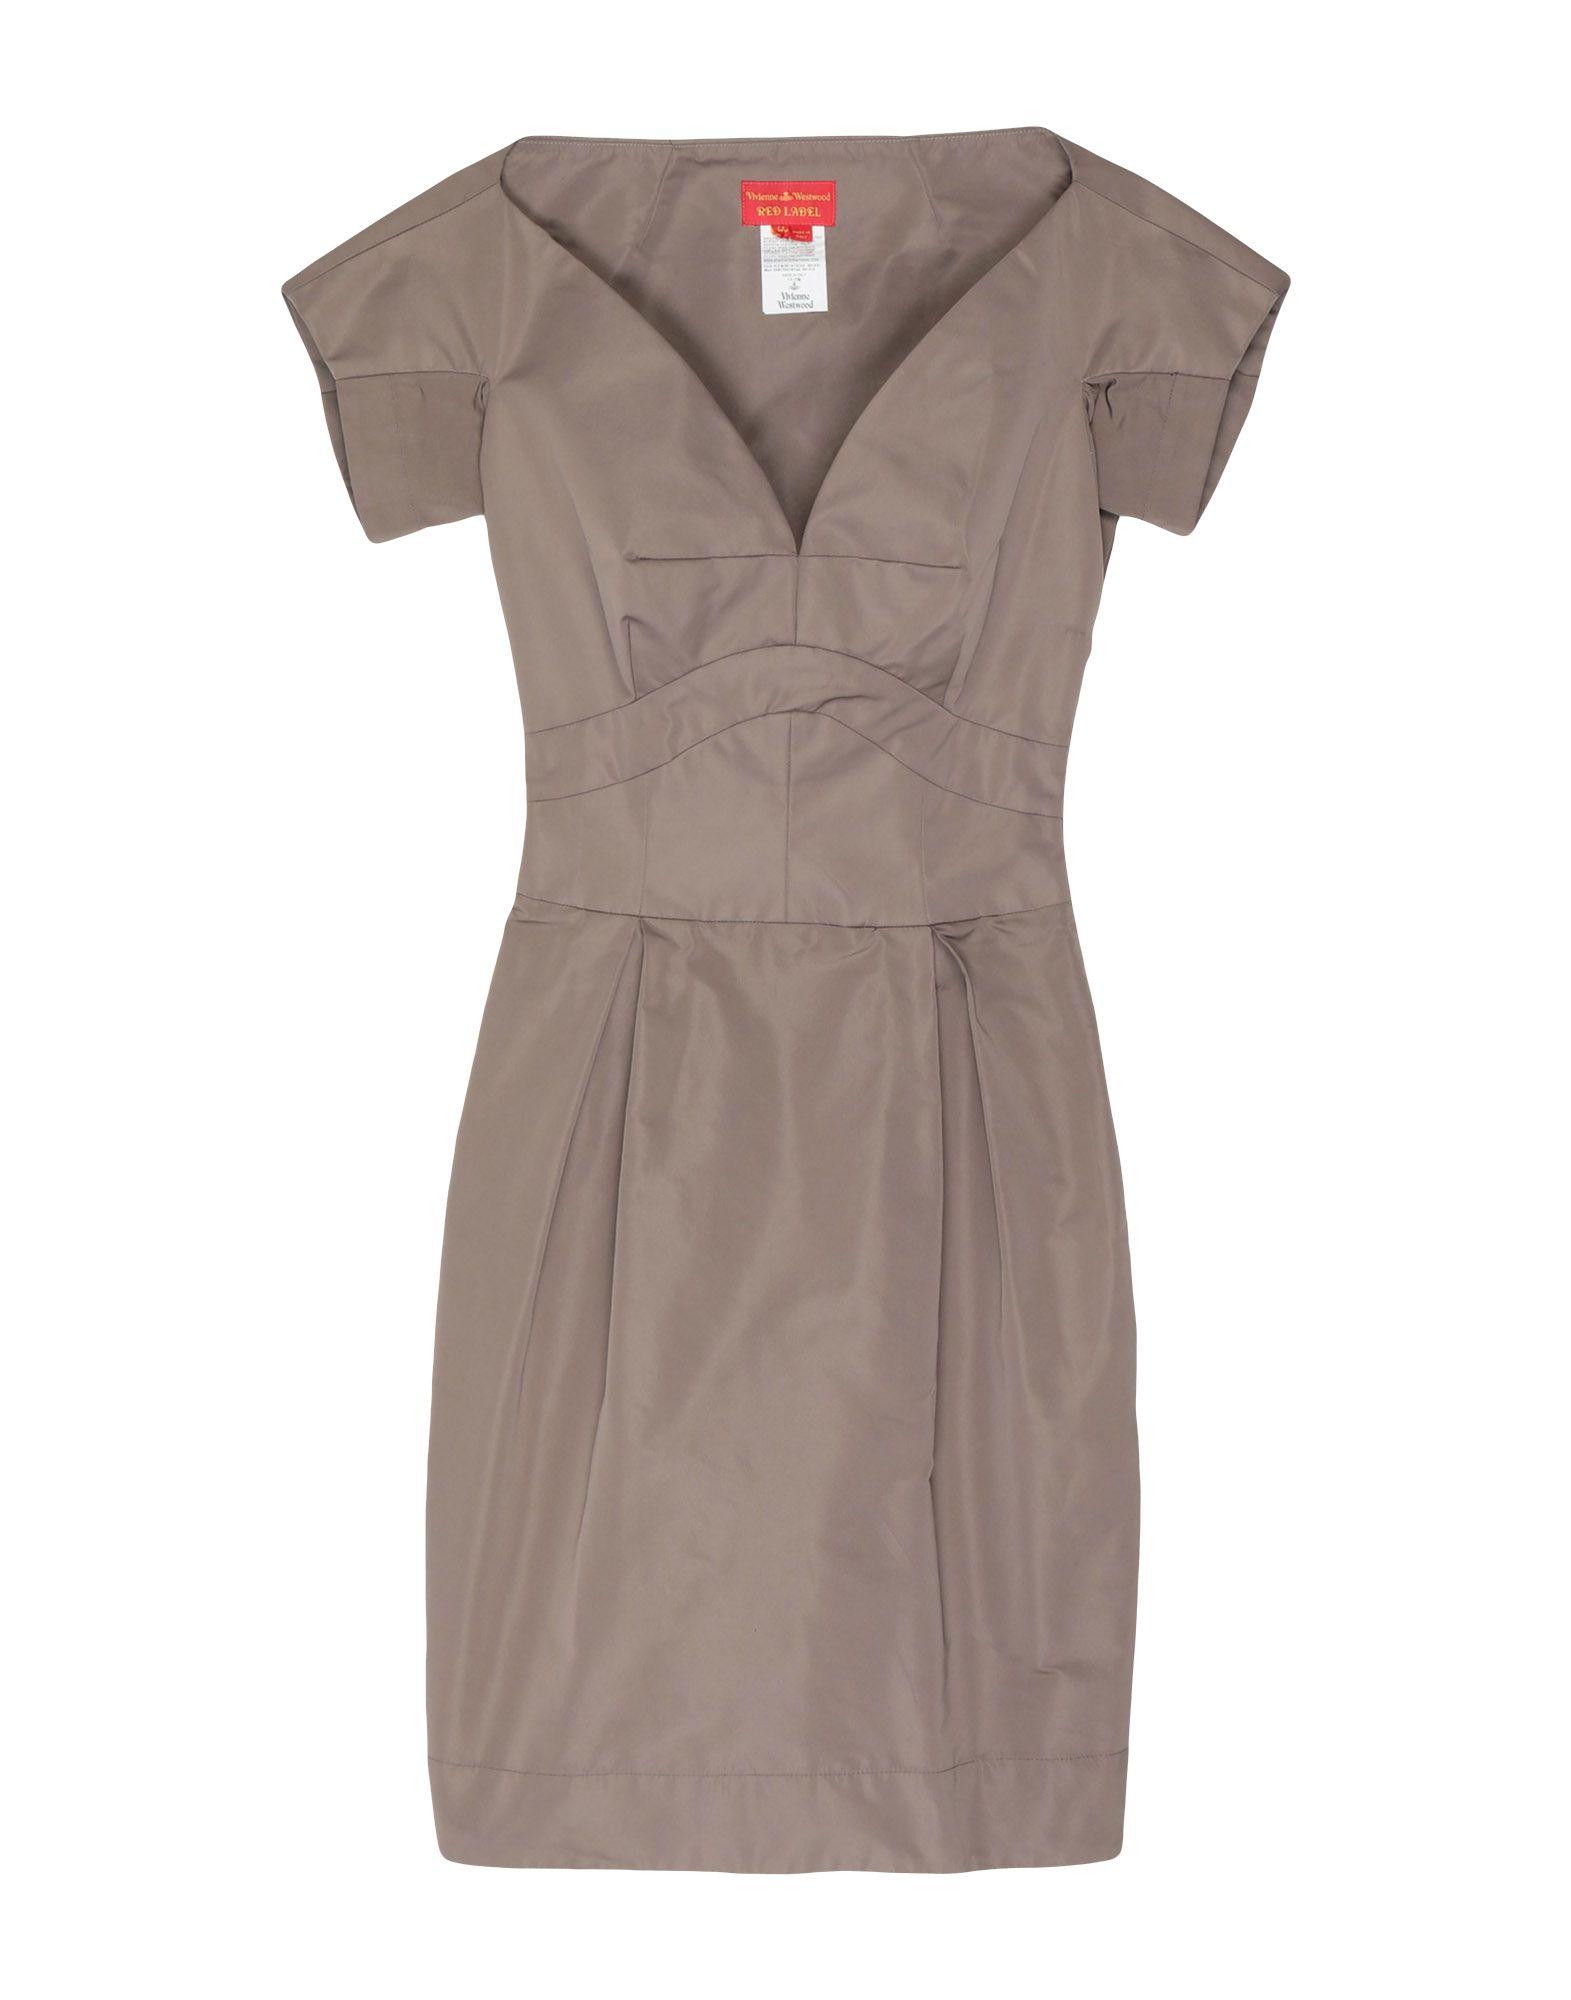 Фото - VIVIENNE WESTWOOD RED LABEL Короткое платье vivienne westwood red label длинное платье